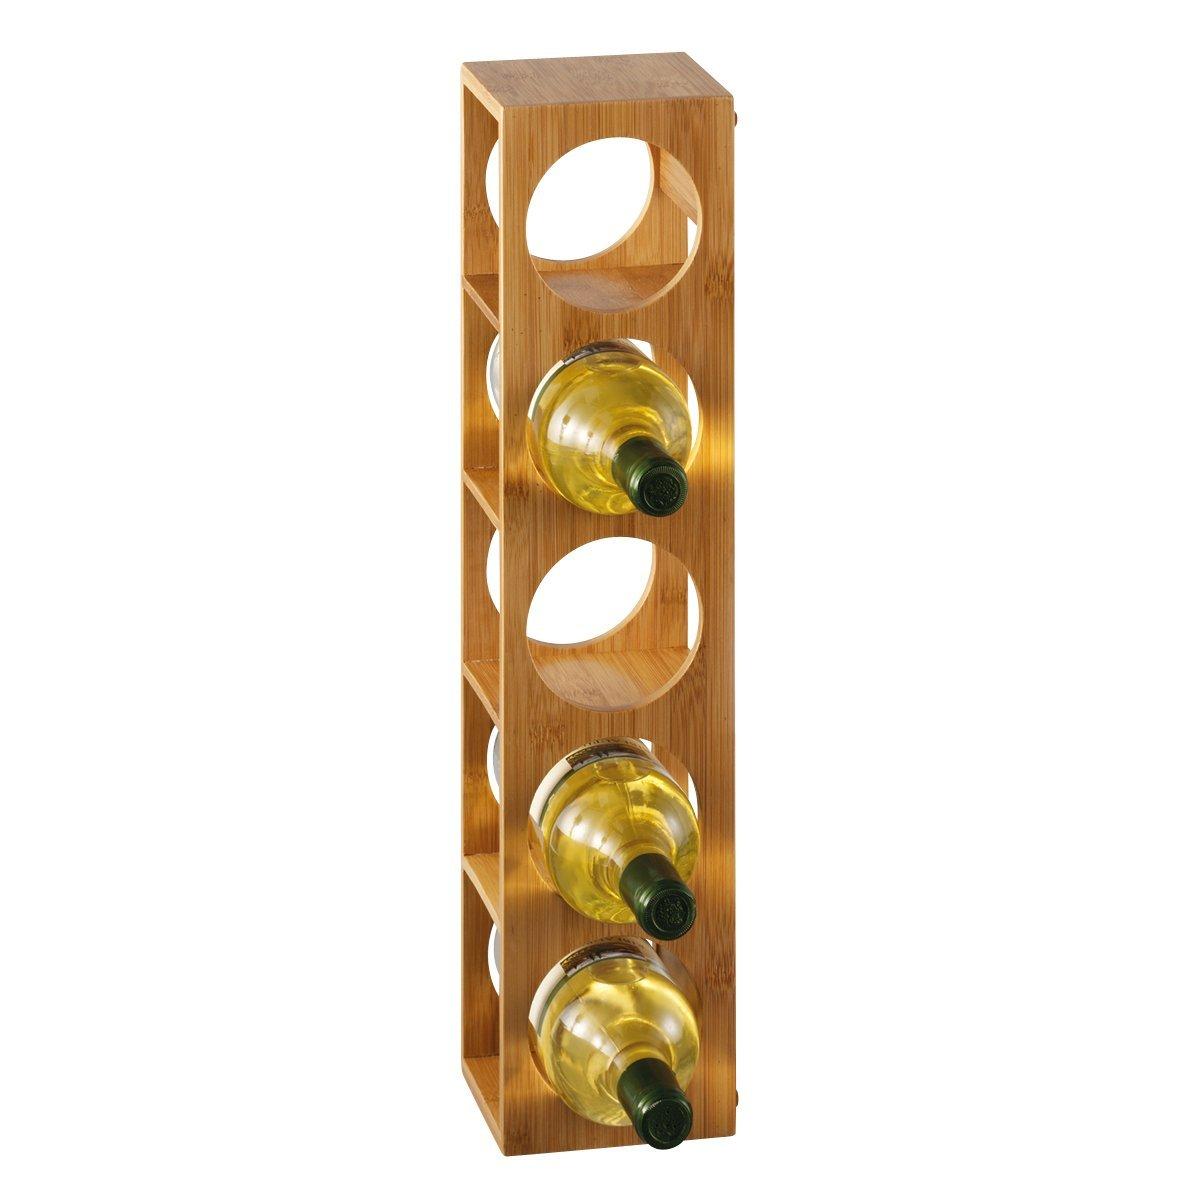 Zeller 13565 Botellero de bambú apilable para 5 botellas de vino